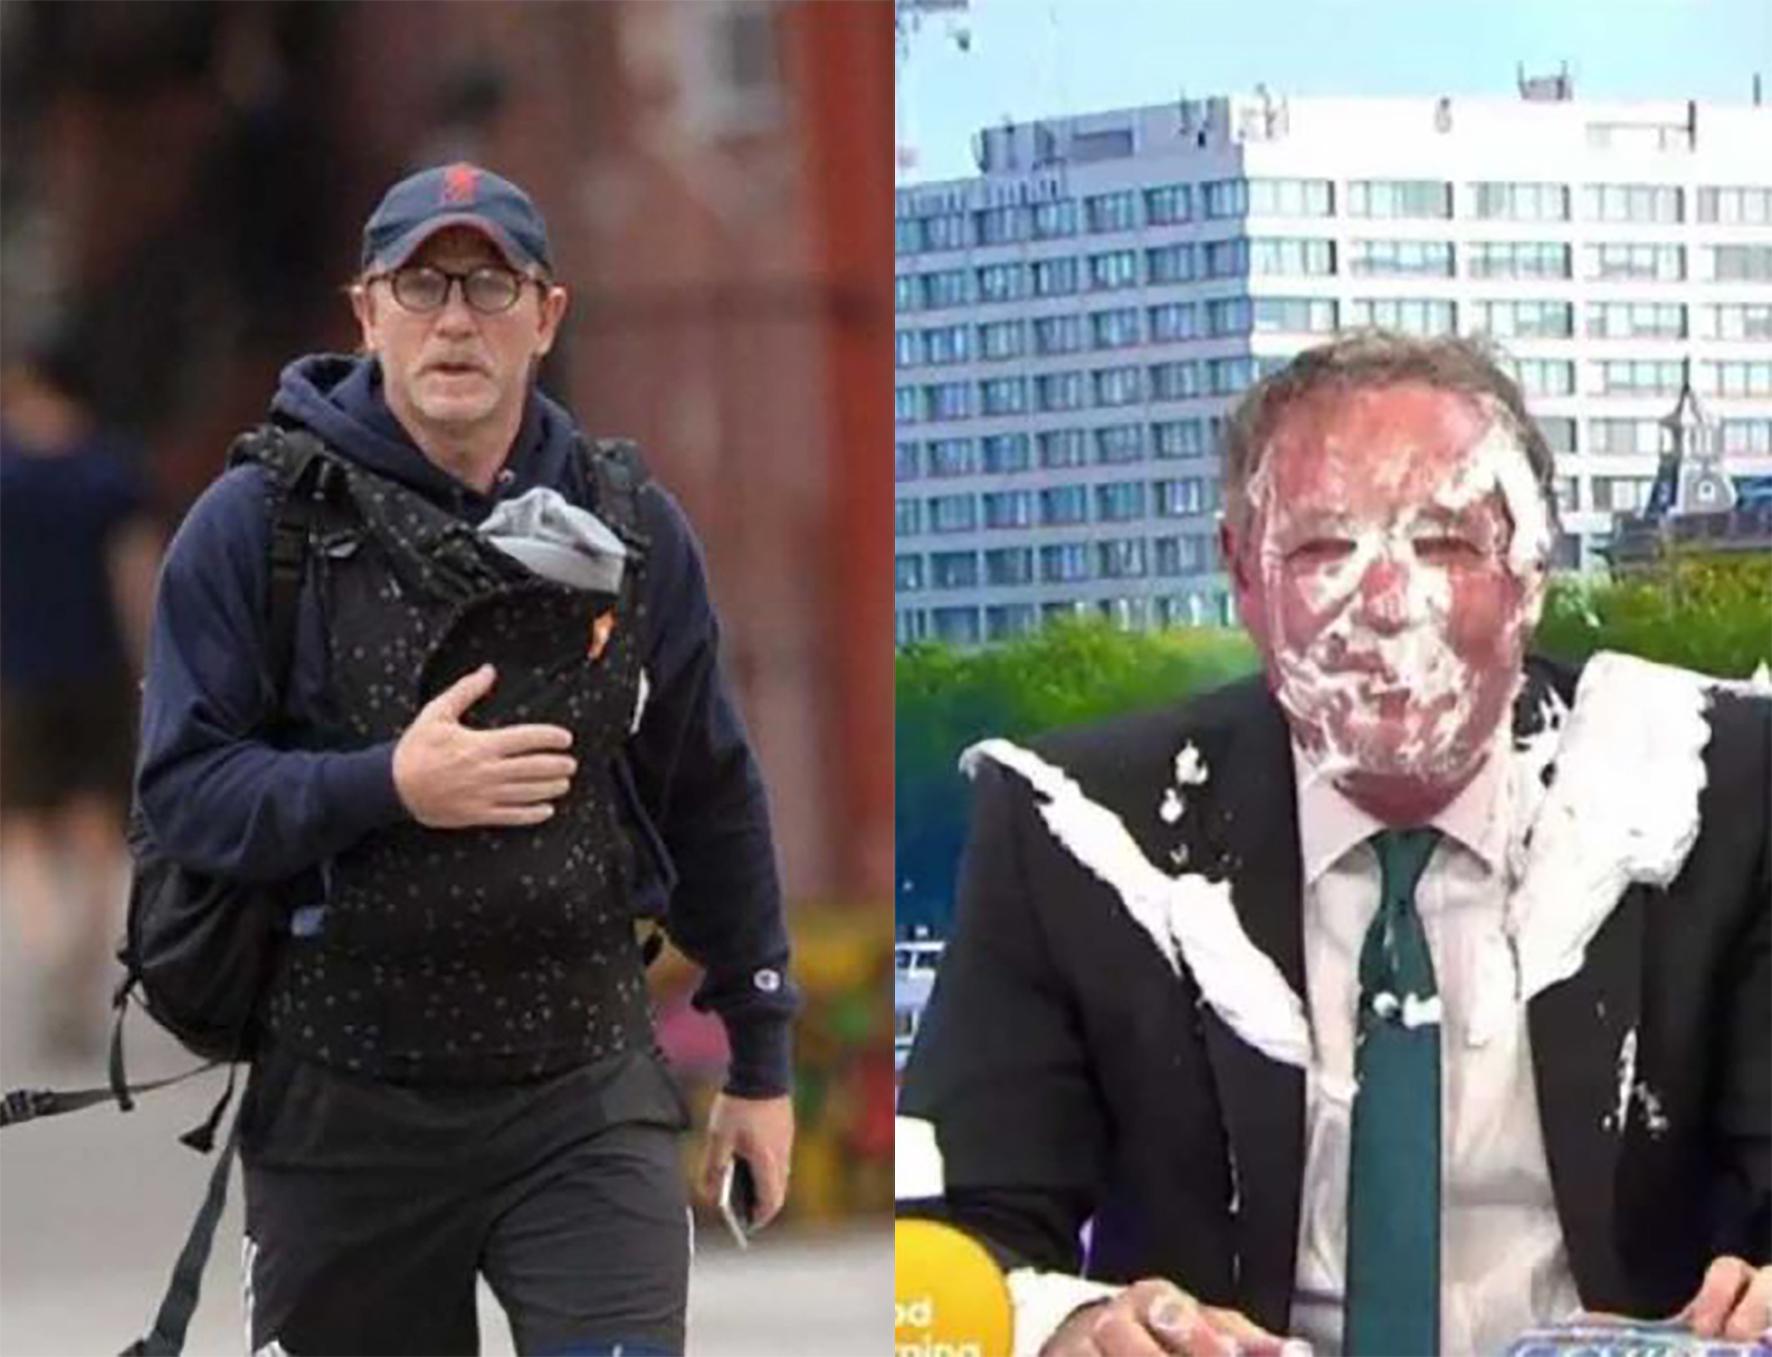 Piers Morgan se vysmál Danielu Craigovi kvůli nosítku. A Twitter se vysmál Piersu Morganovi